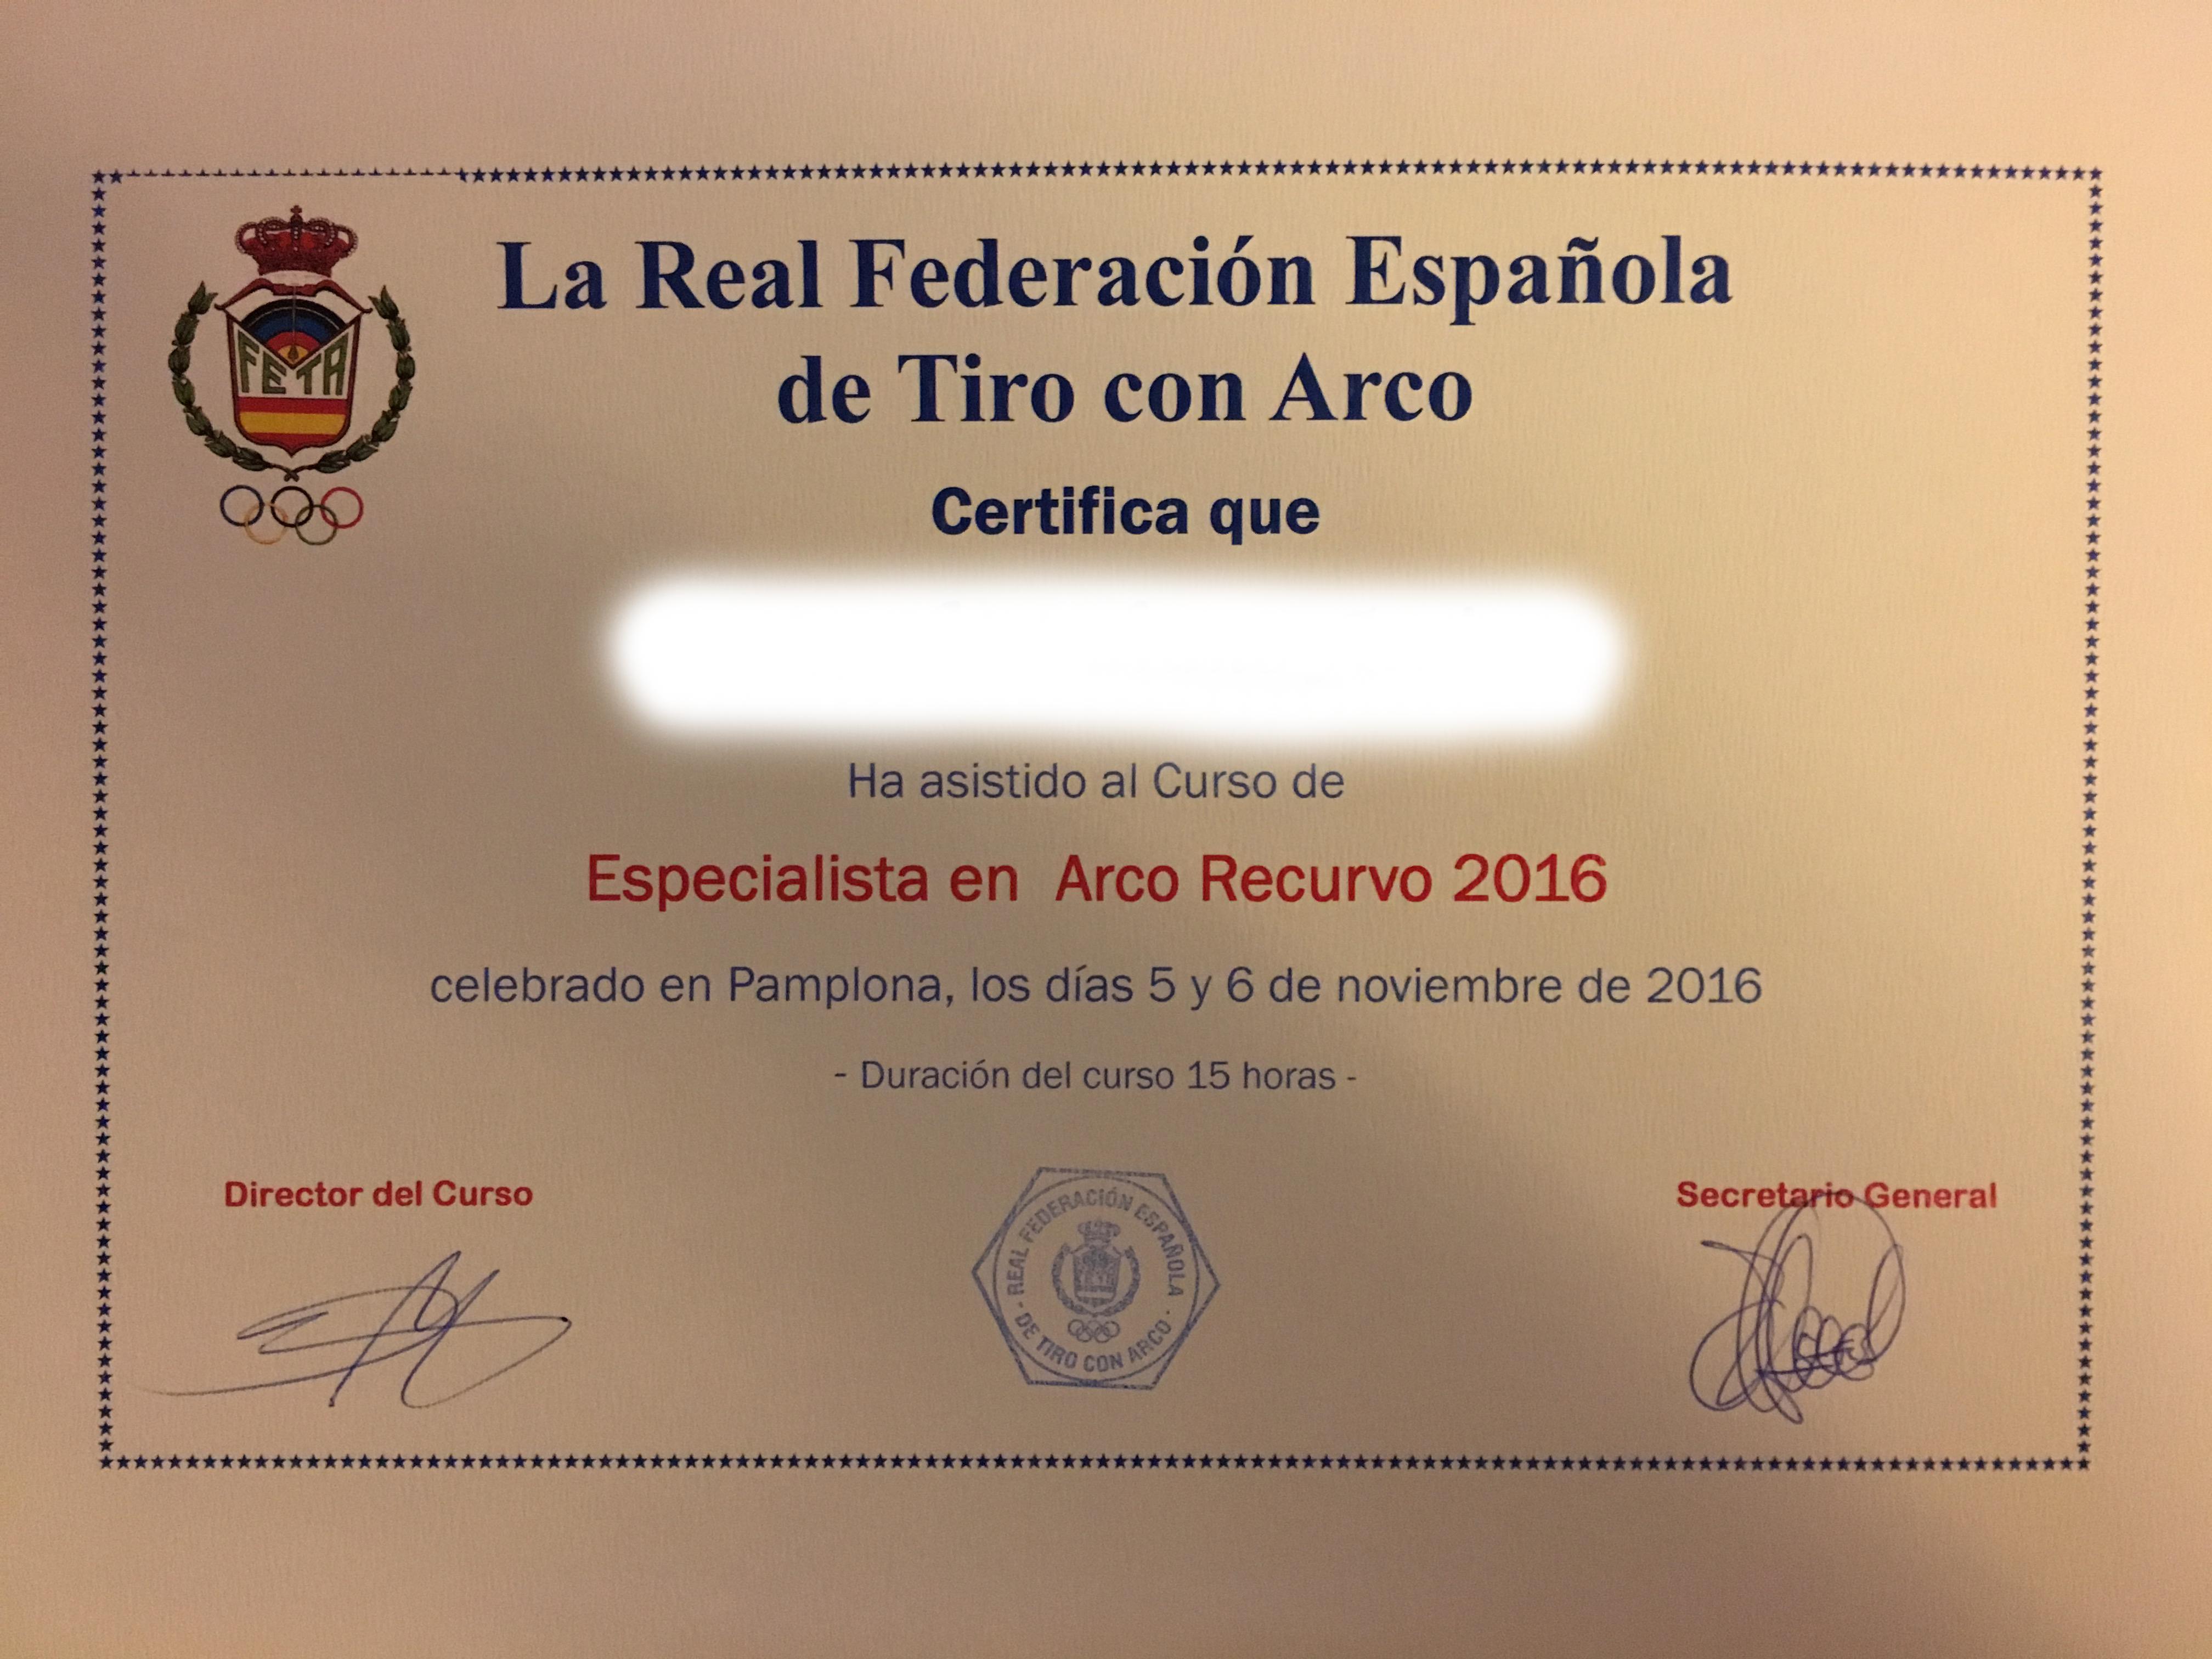 Curso de Especialista en Arco Recurvo – 2016